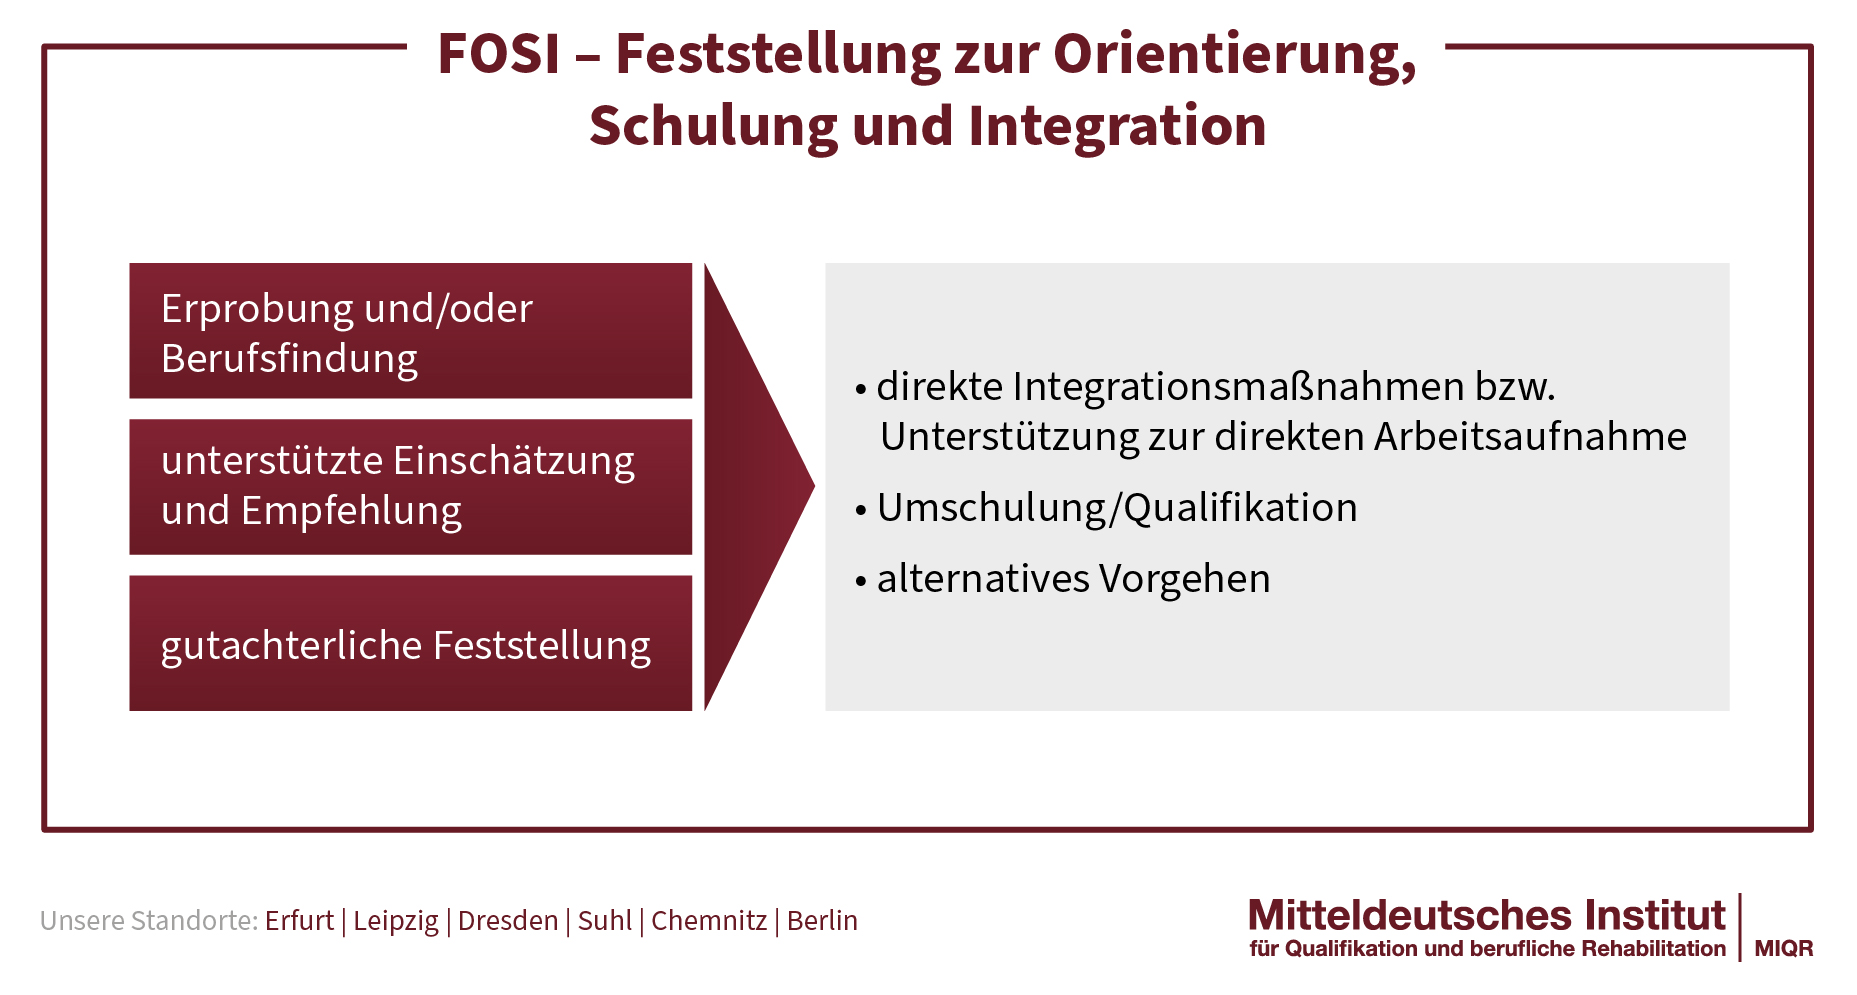 FOSI- Inhalte und Ablauf